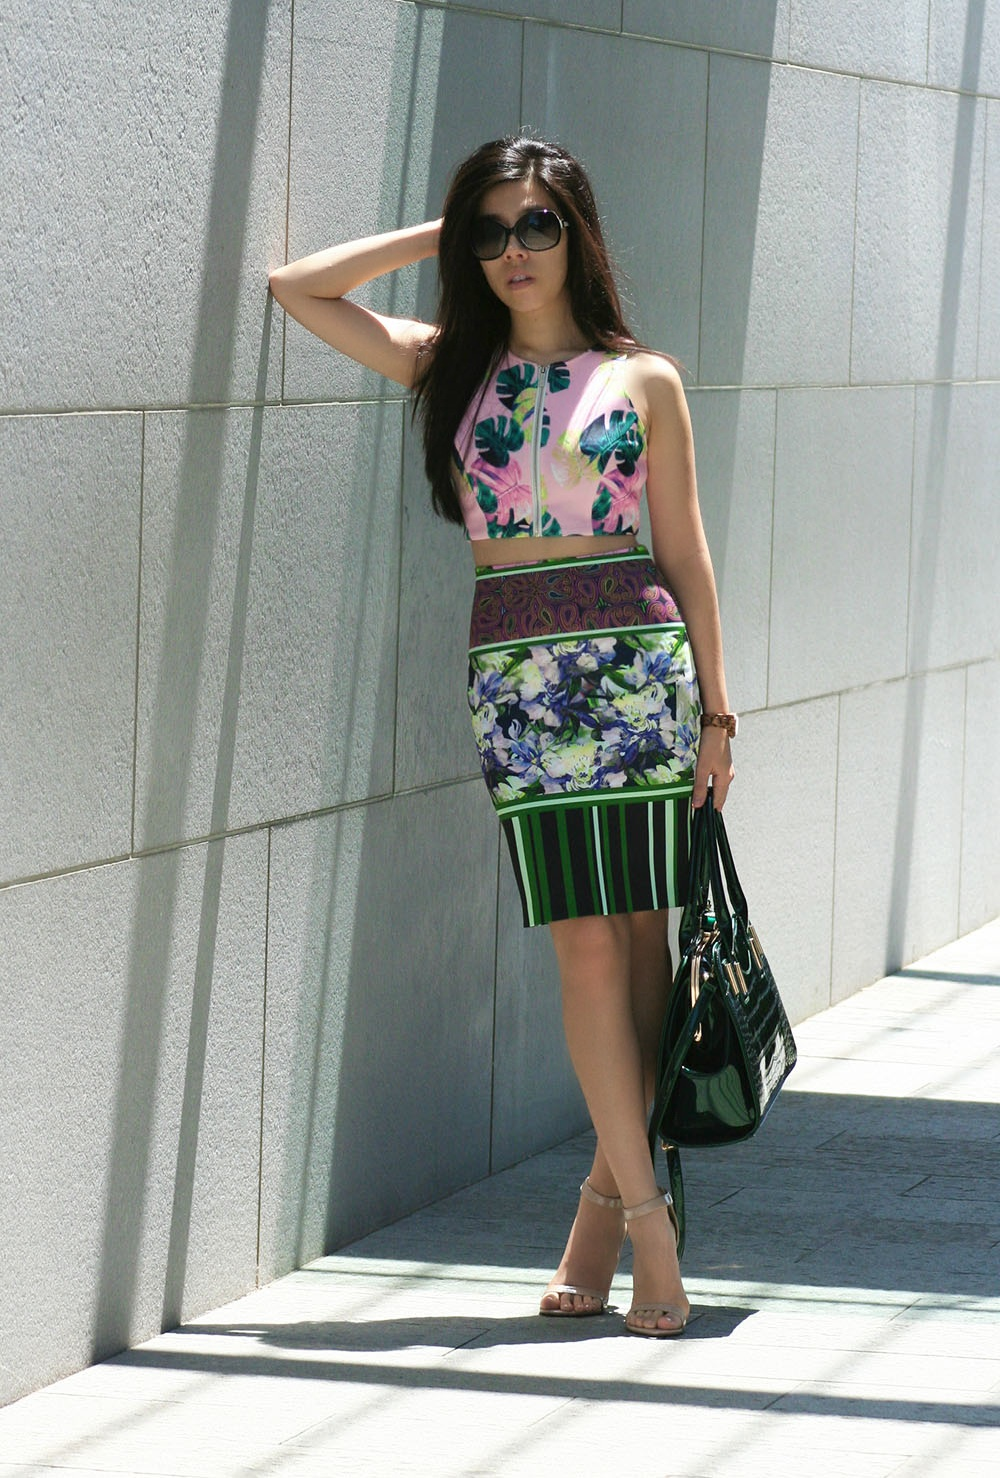 Adrienne Nguyen_Invictus_Bodycon_Neoprene Pencil Skirt_Neoprene Crop Top